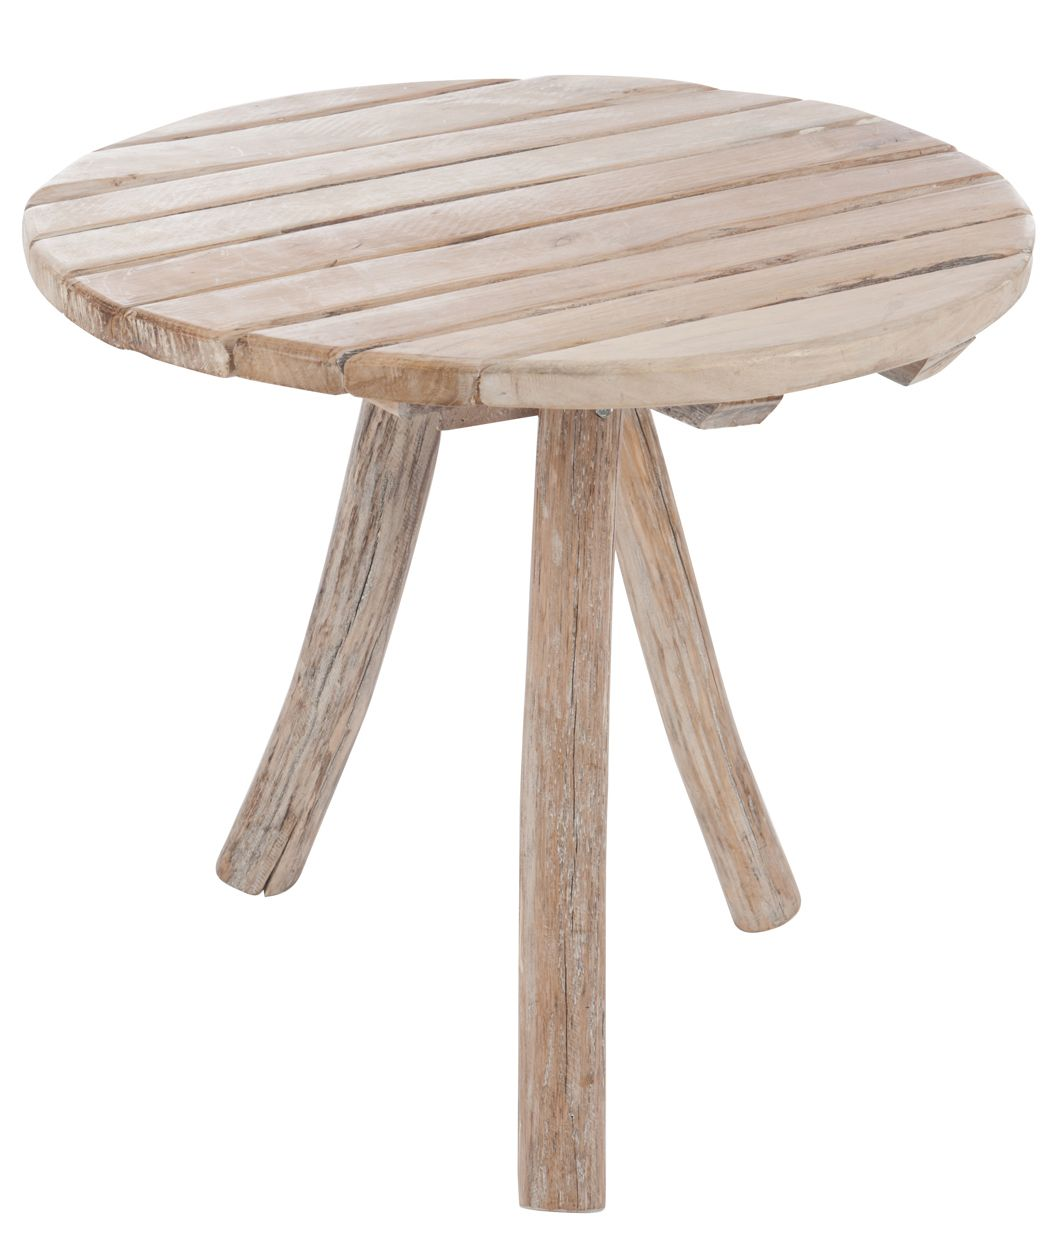 Table D Appoint Ronde 3 Pieds En Bois Naturel D75 H65cm